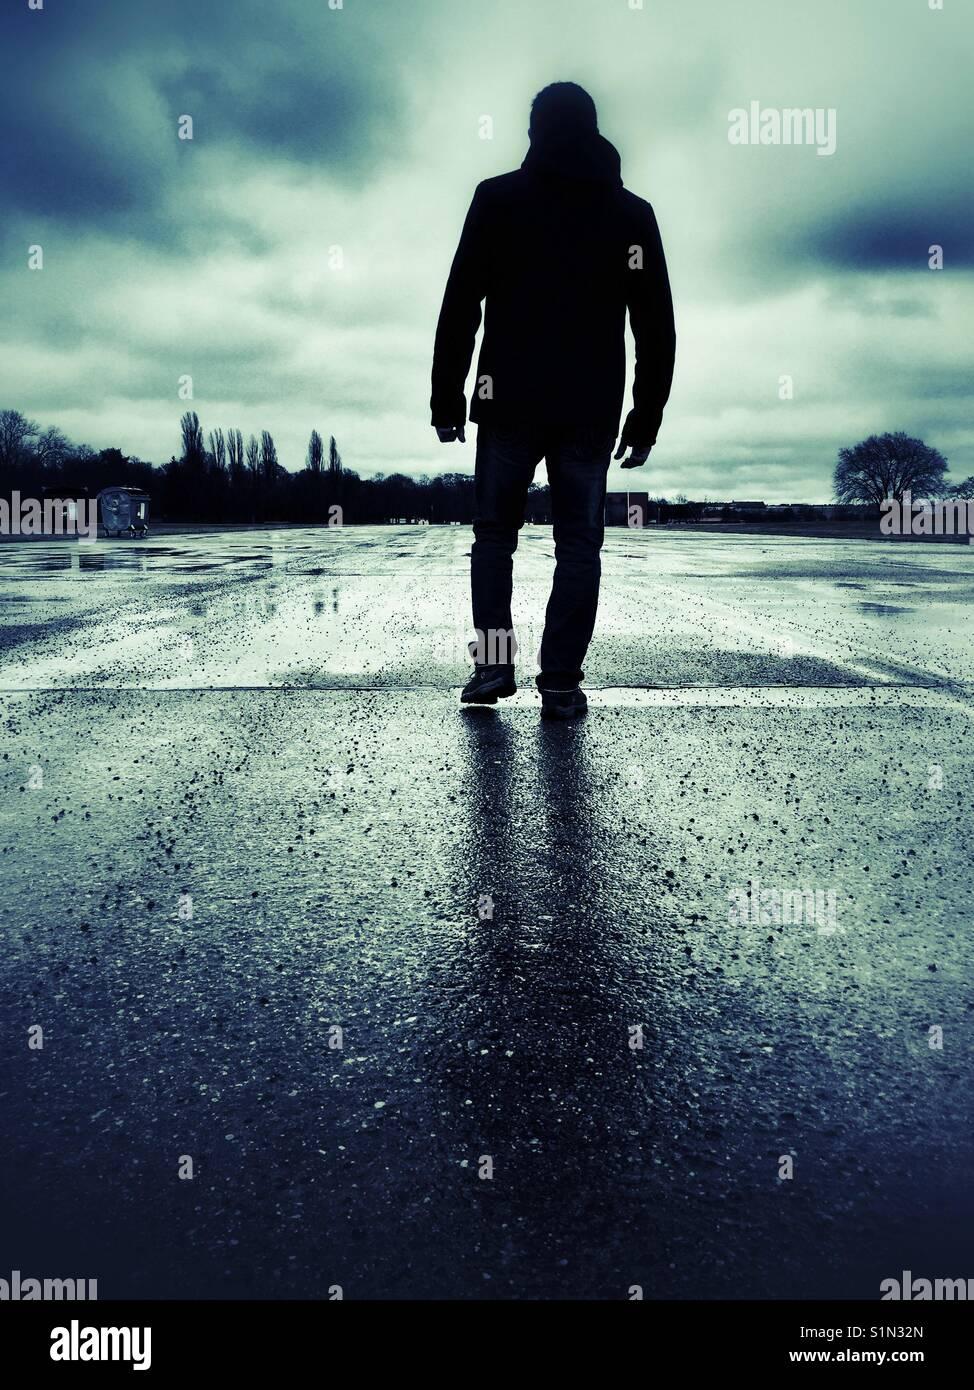 Vista posterior de la silueta de una misteriosa figura masculina caminar al aire libre Imagen De Stock